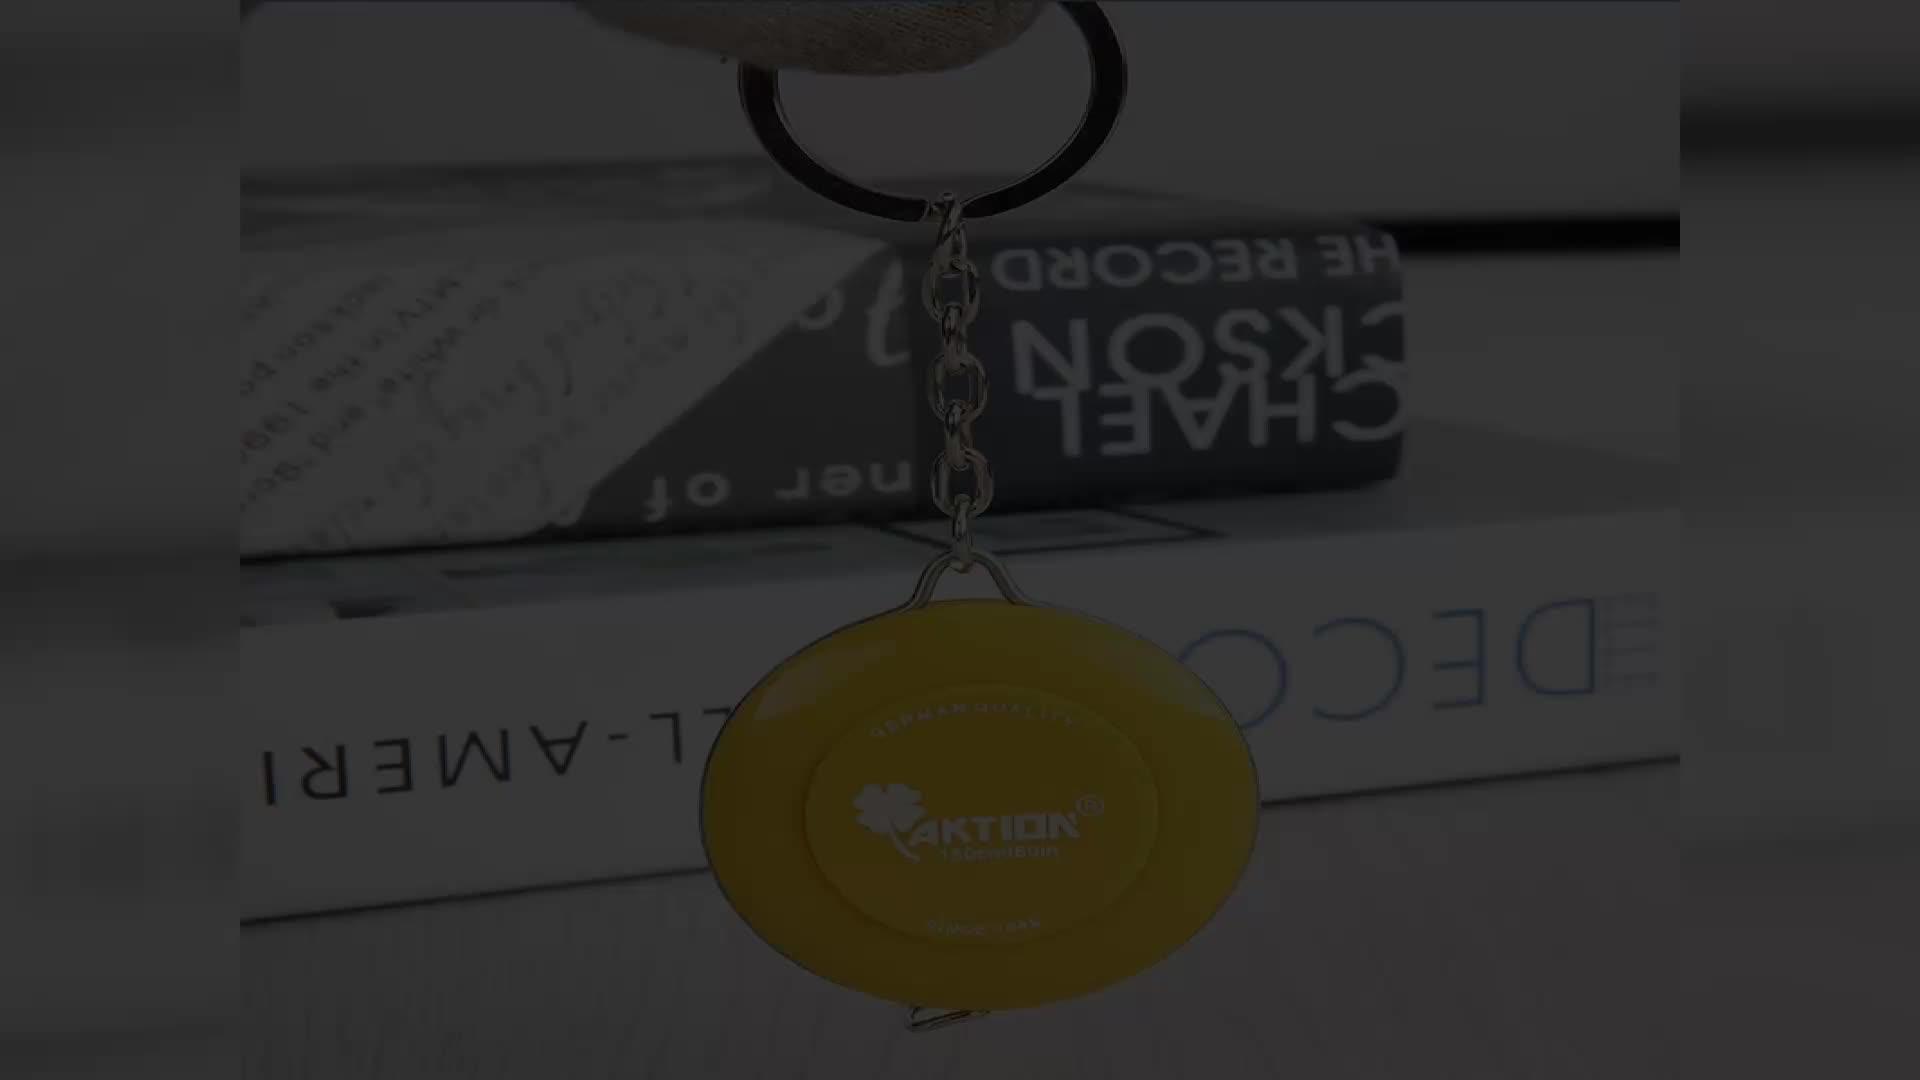 Alman Kalite Geri Çekilebilir Mini Yuvarlak Mezura Anahtarlık Promosyonlar için